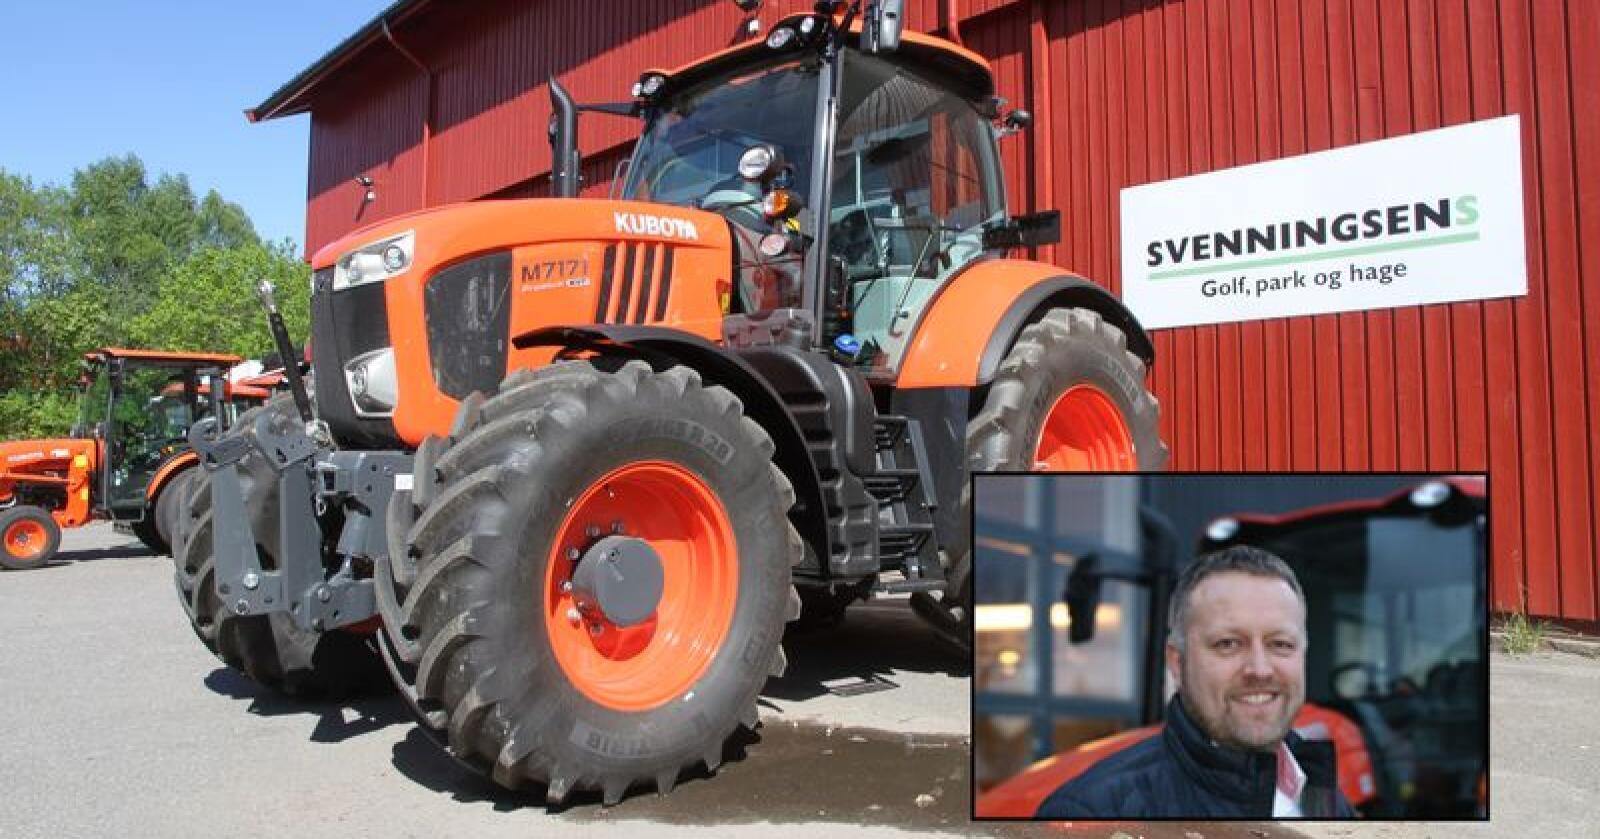 Foto: Espen Syljuåsen/Svenningsens